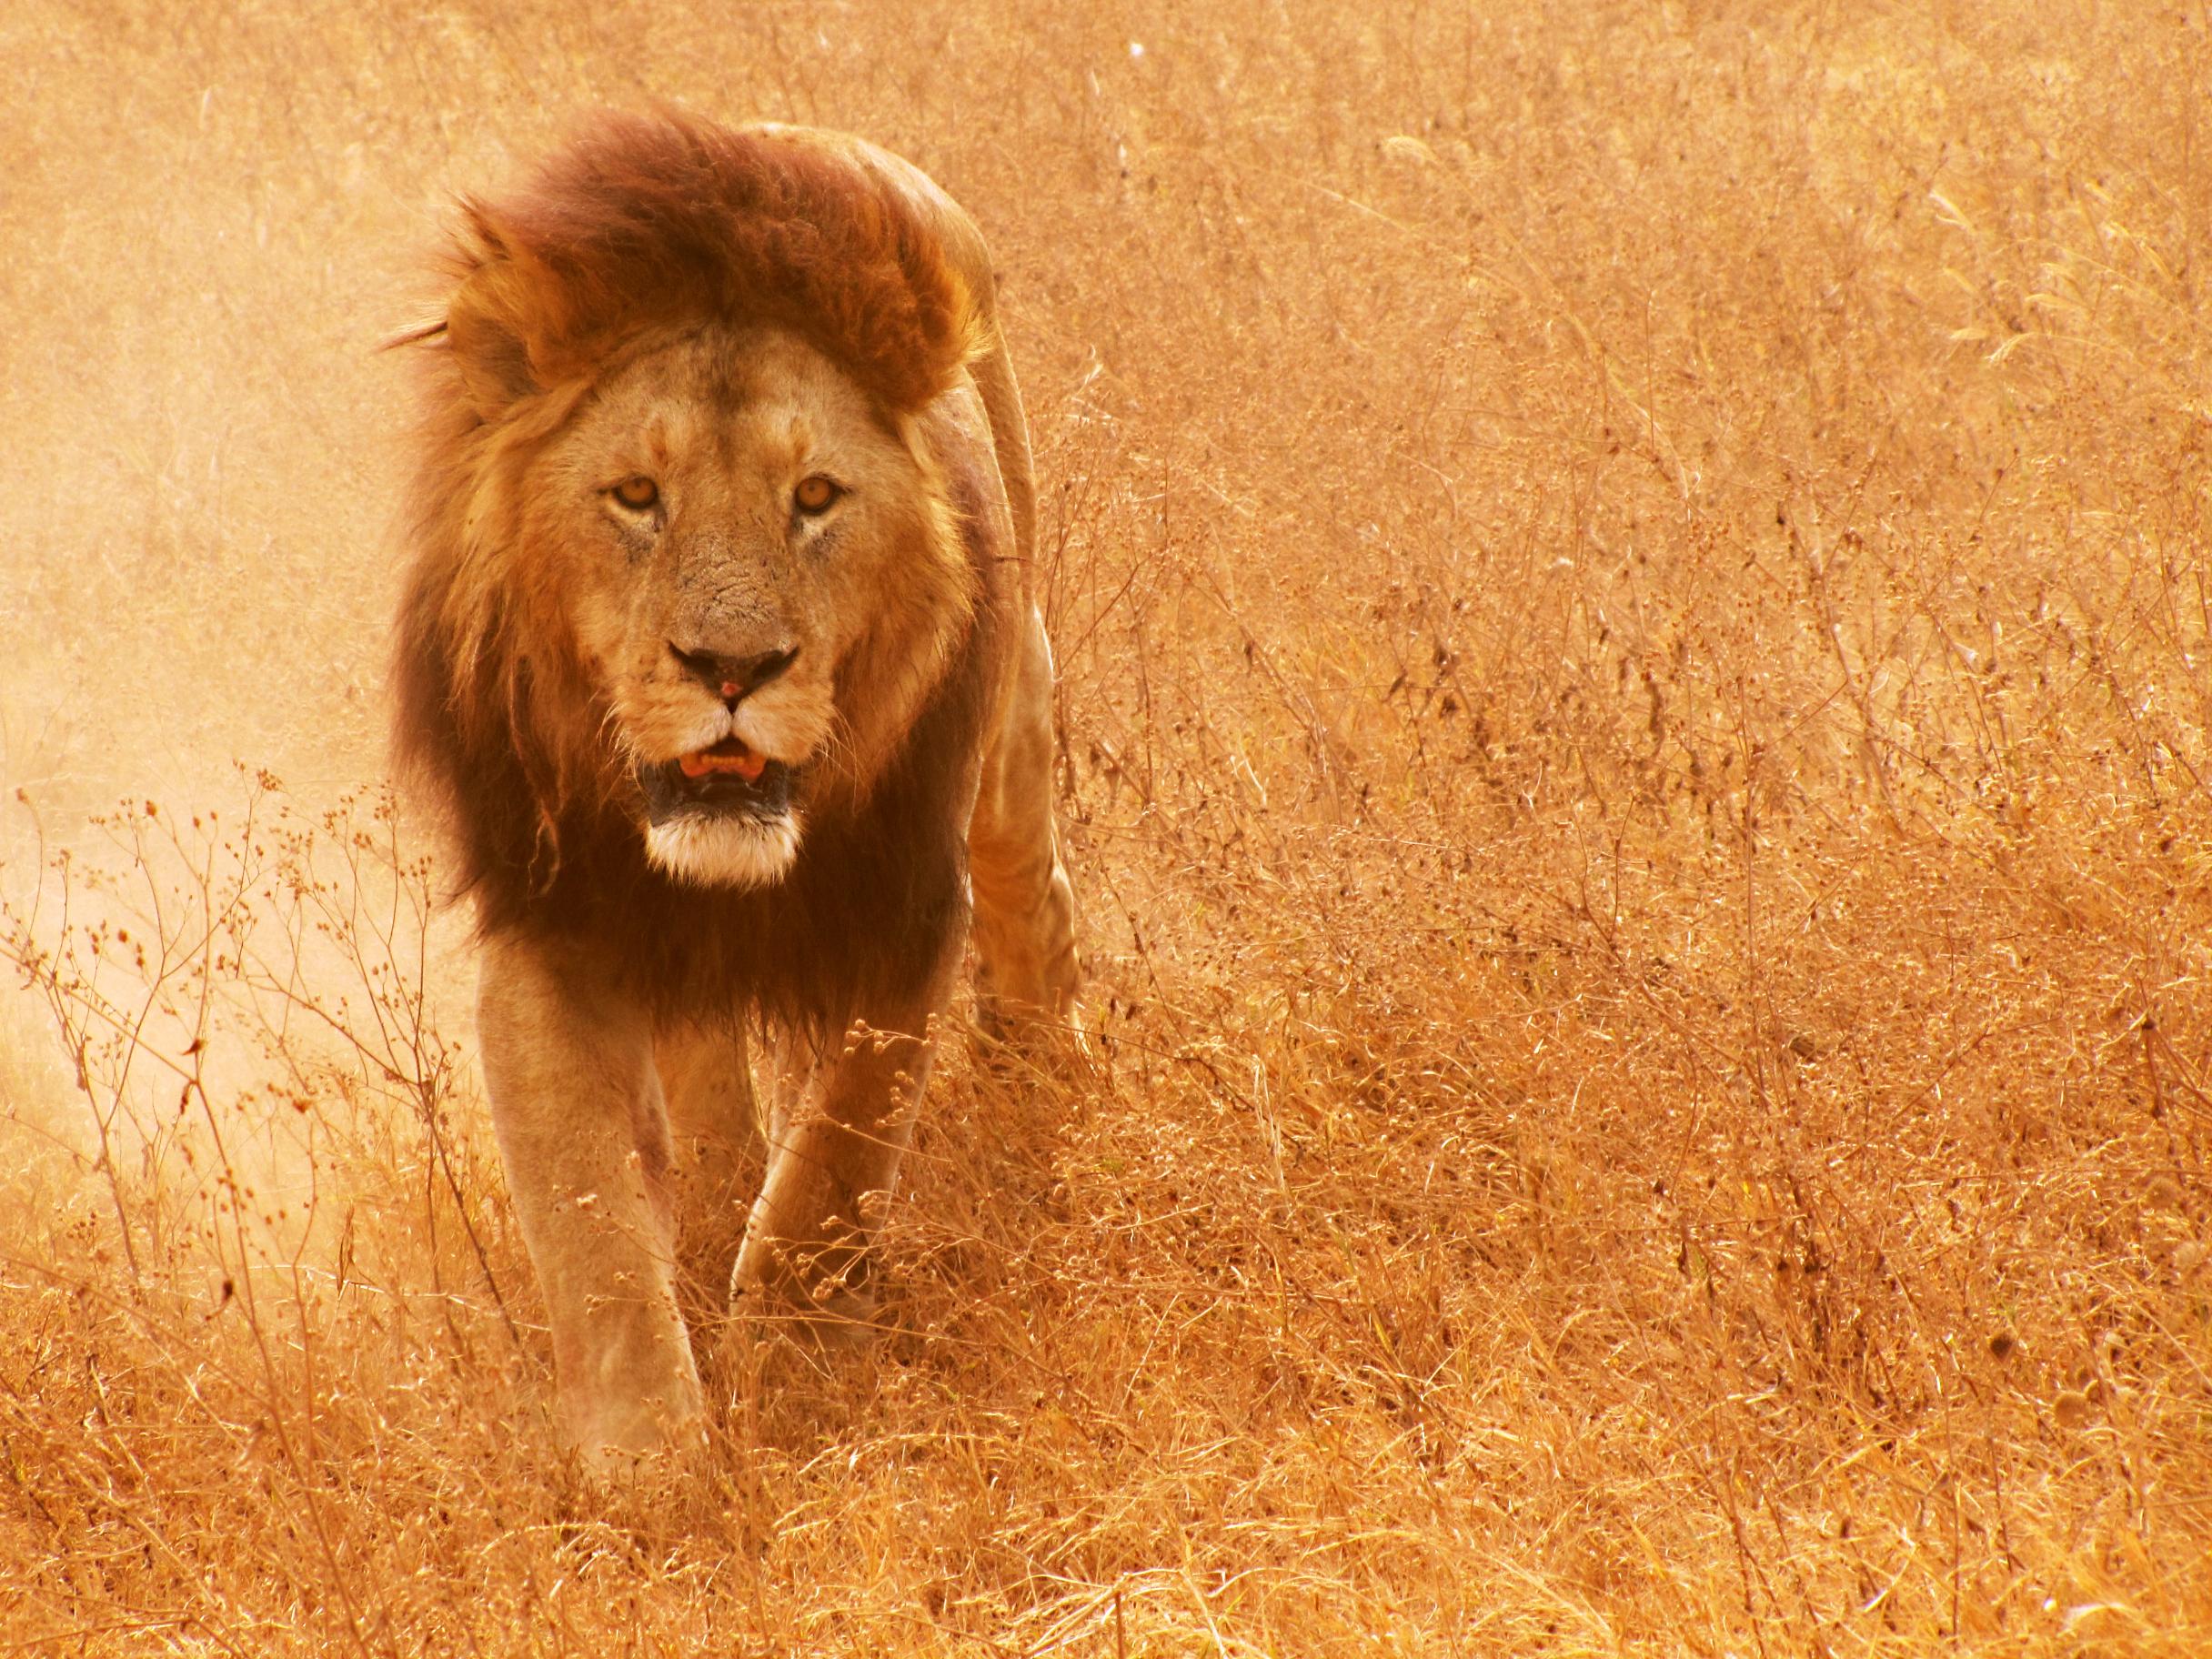 Er du klar for Lion?